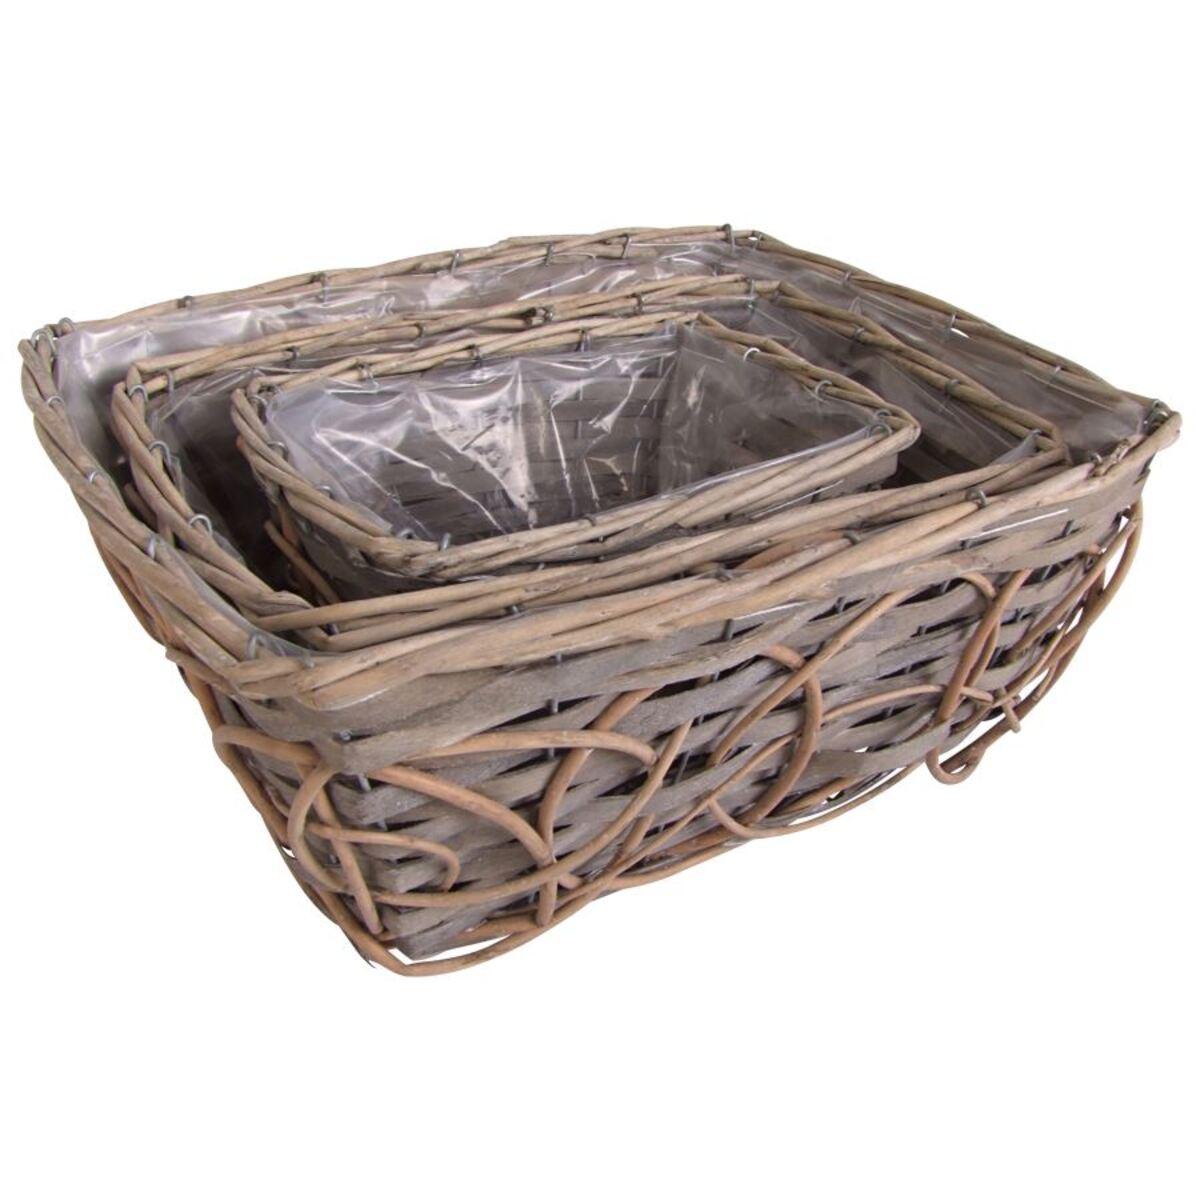 Bild 2 von Pflanzkörbe aus Weide und Holz eckig 3er-Set